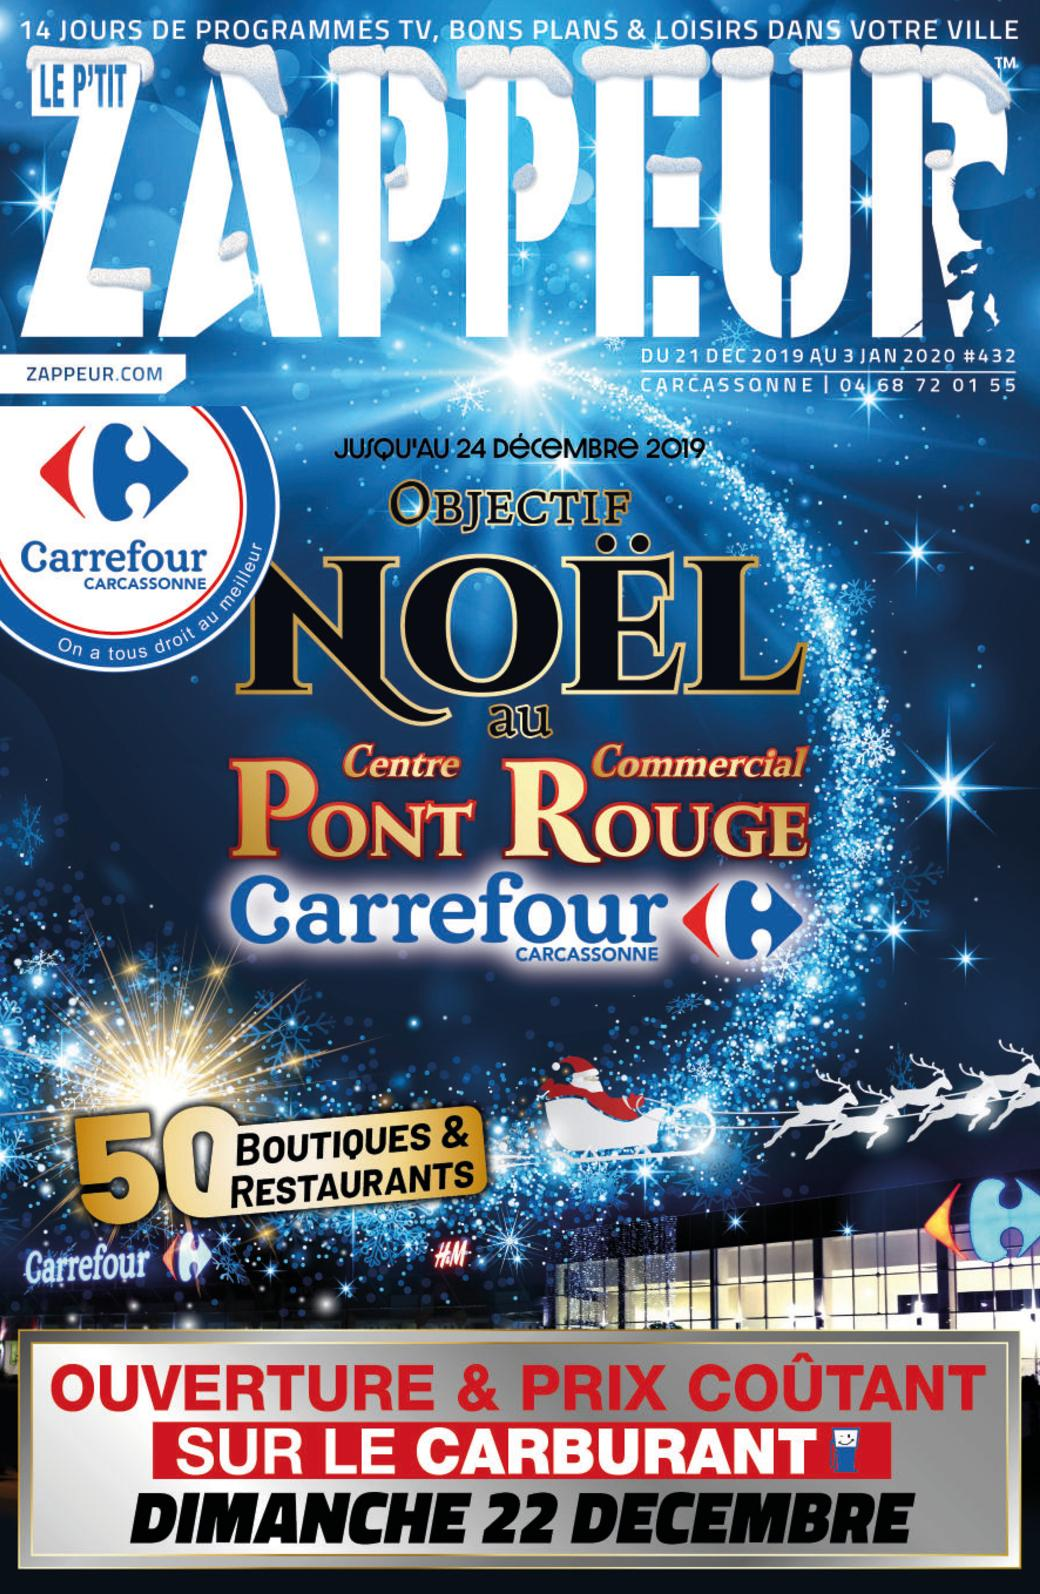 Carte Cadeau Leclerc Inspirant Calaméo Le P Tit Zappeur Carcassonne 432 Of 32 Nouveau Carte Cadeau Leclerc